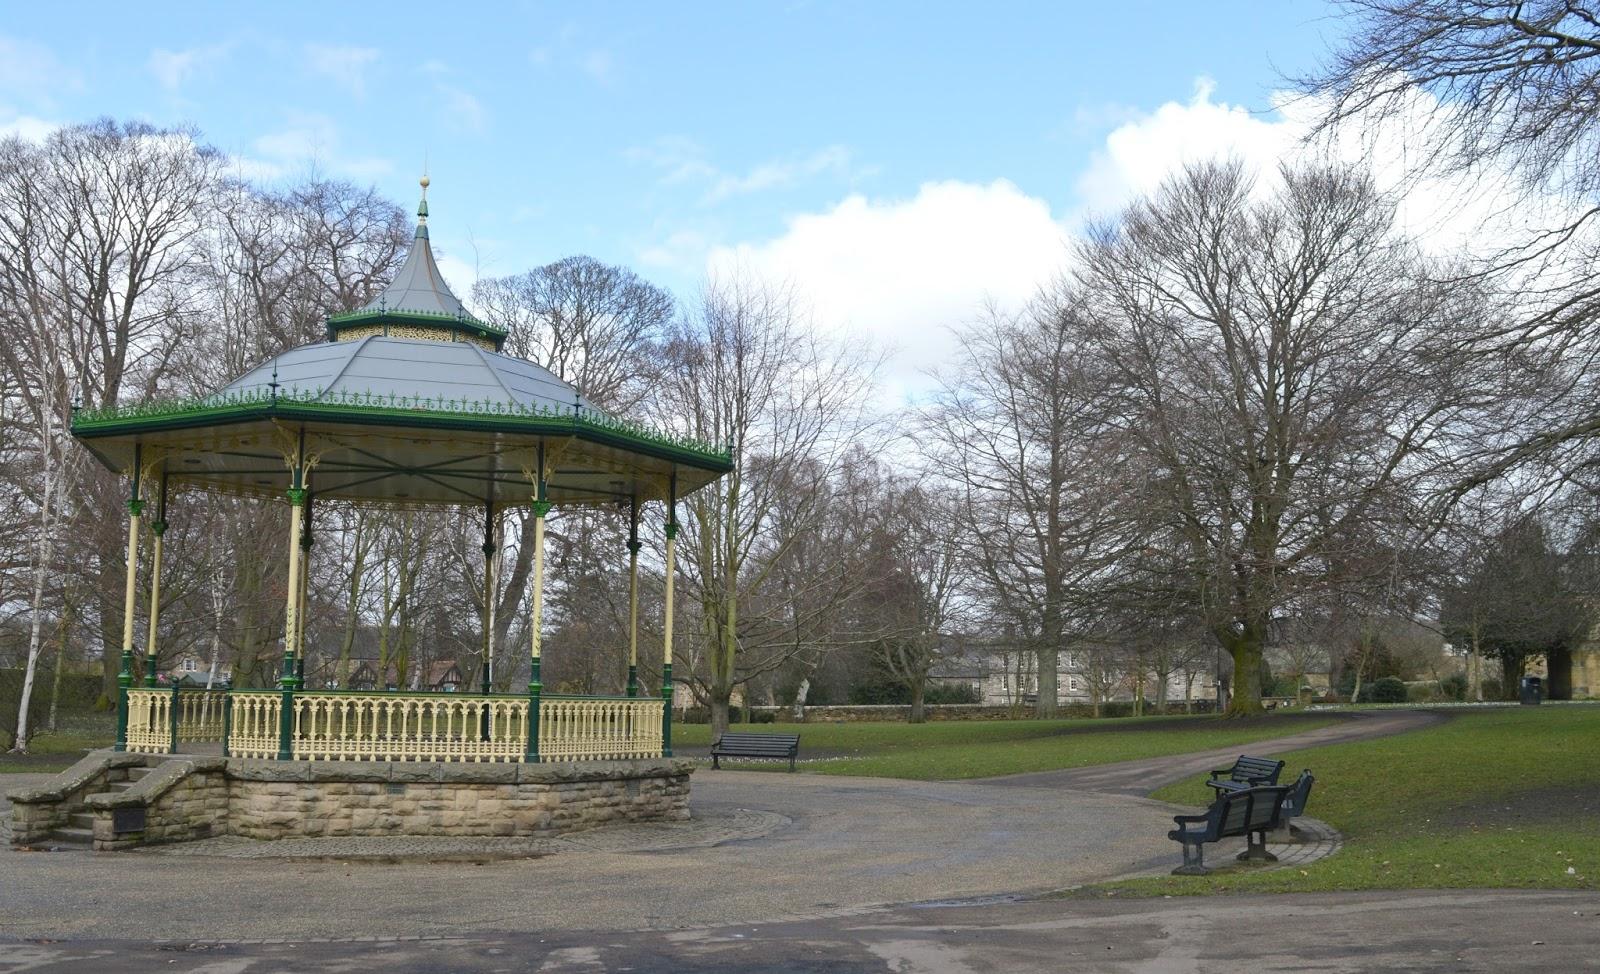 Hexham Northumberland - Hexham Park